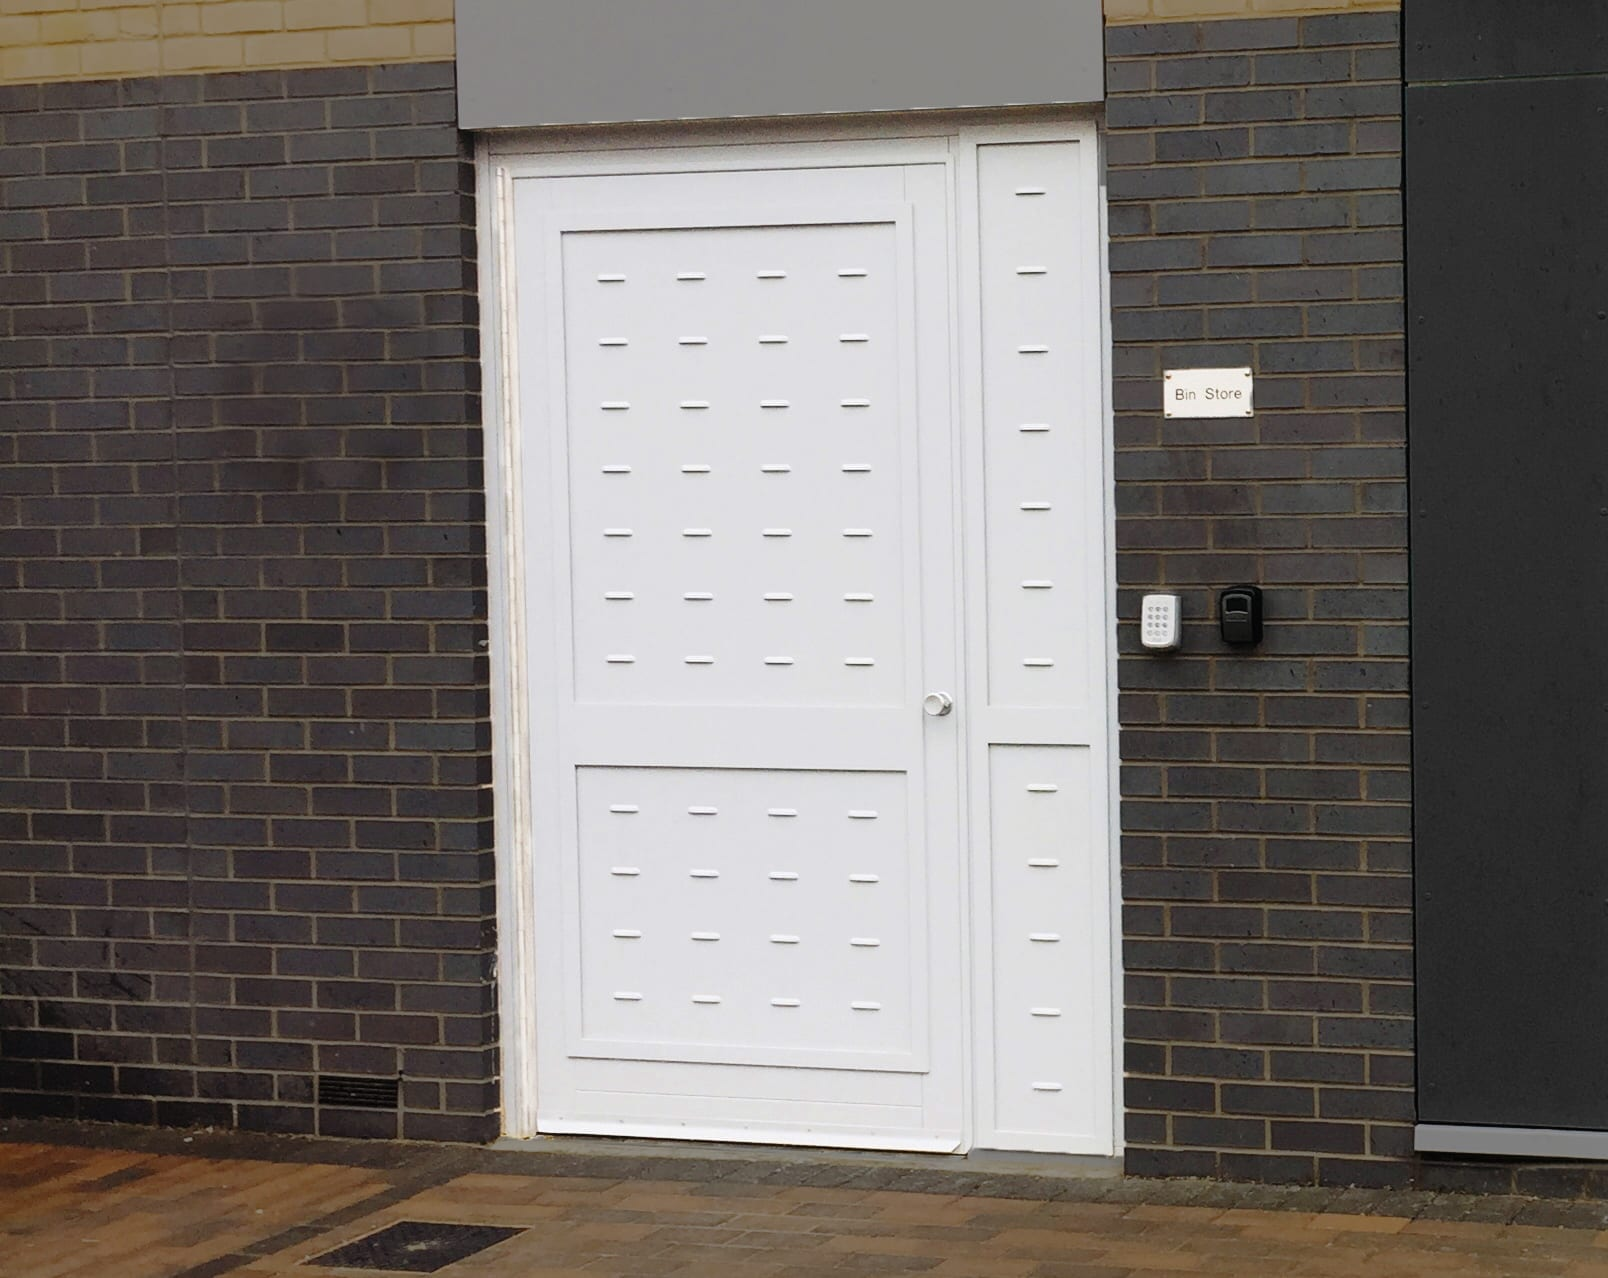 A photo of a Warrior Bin Store Door.